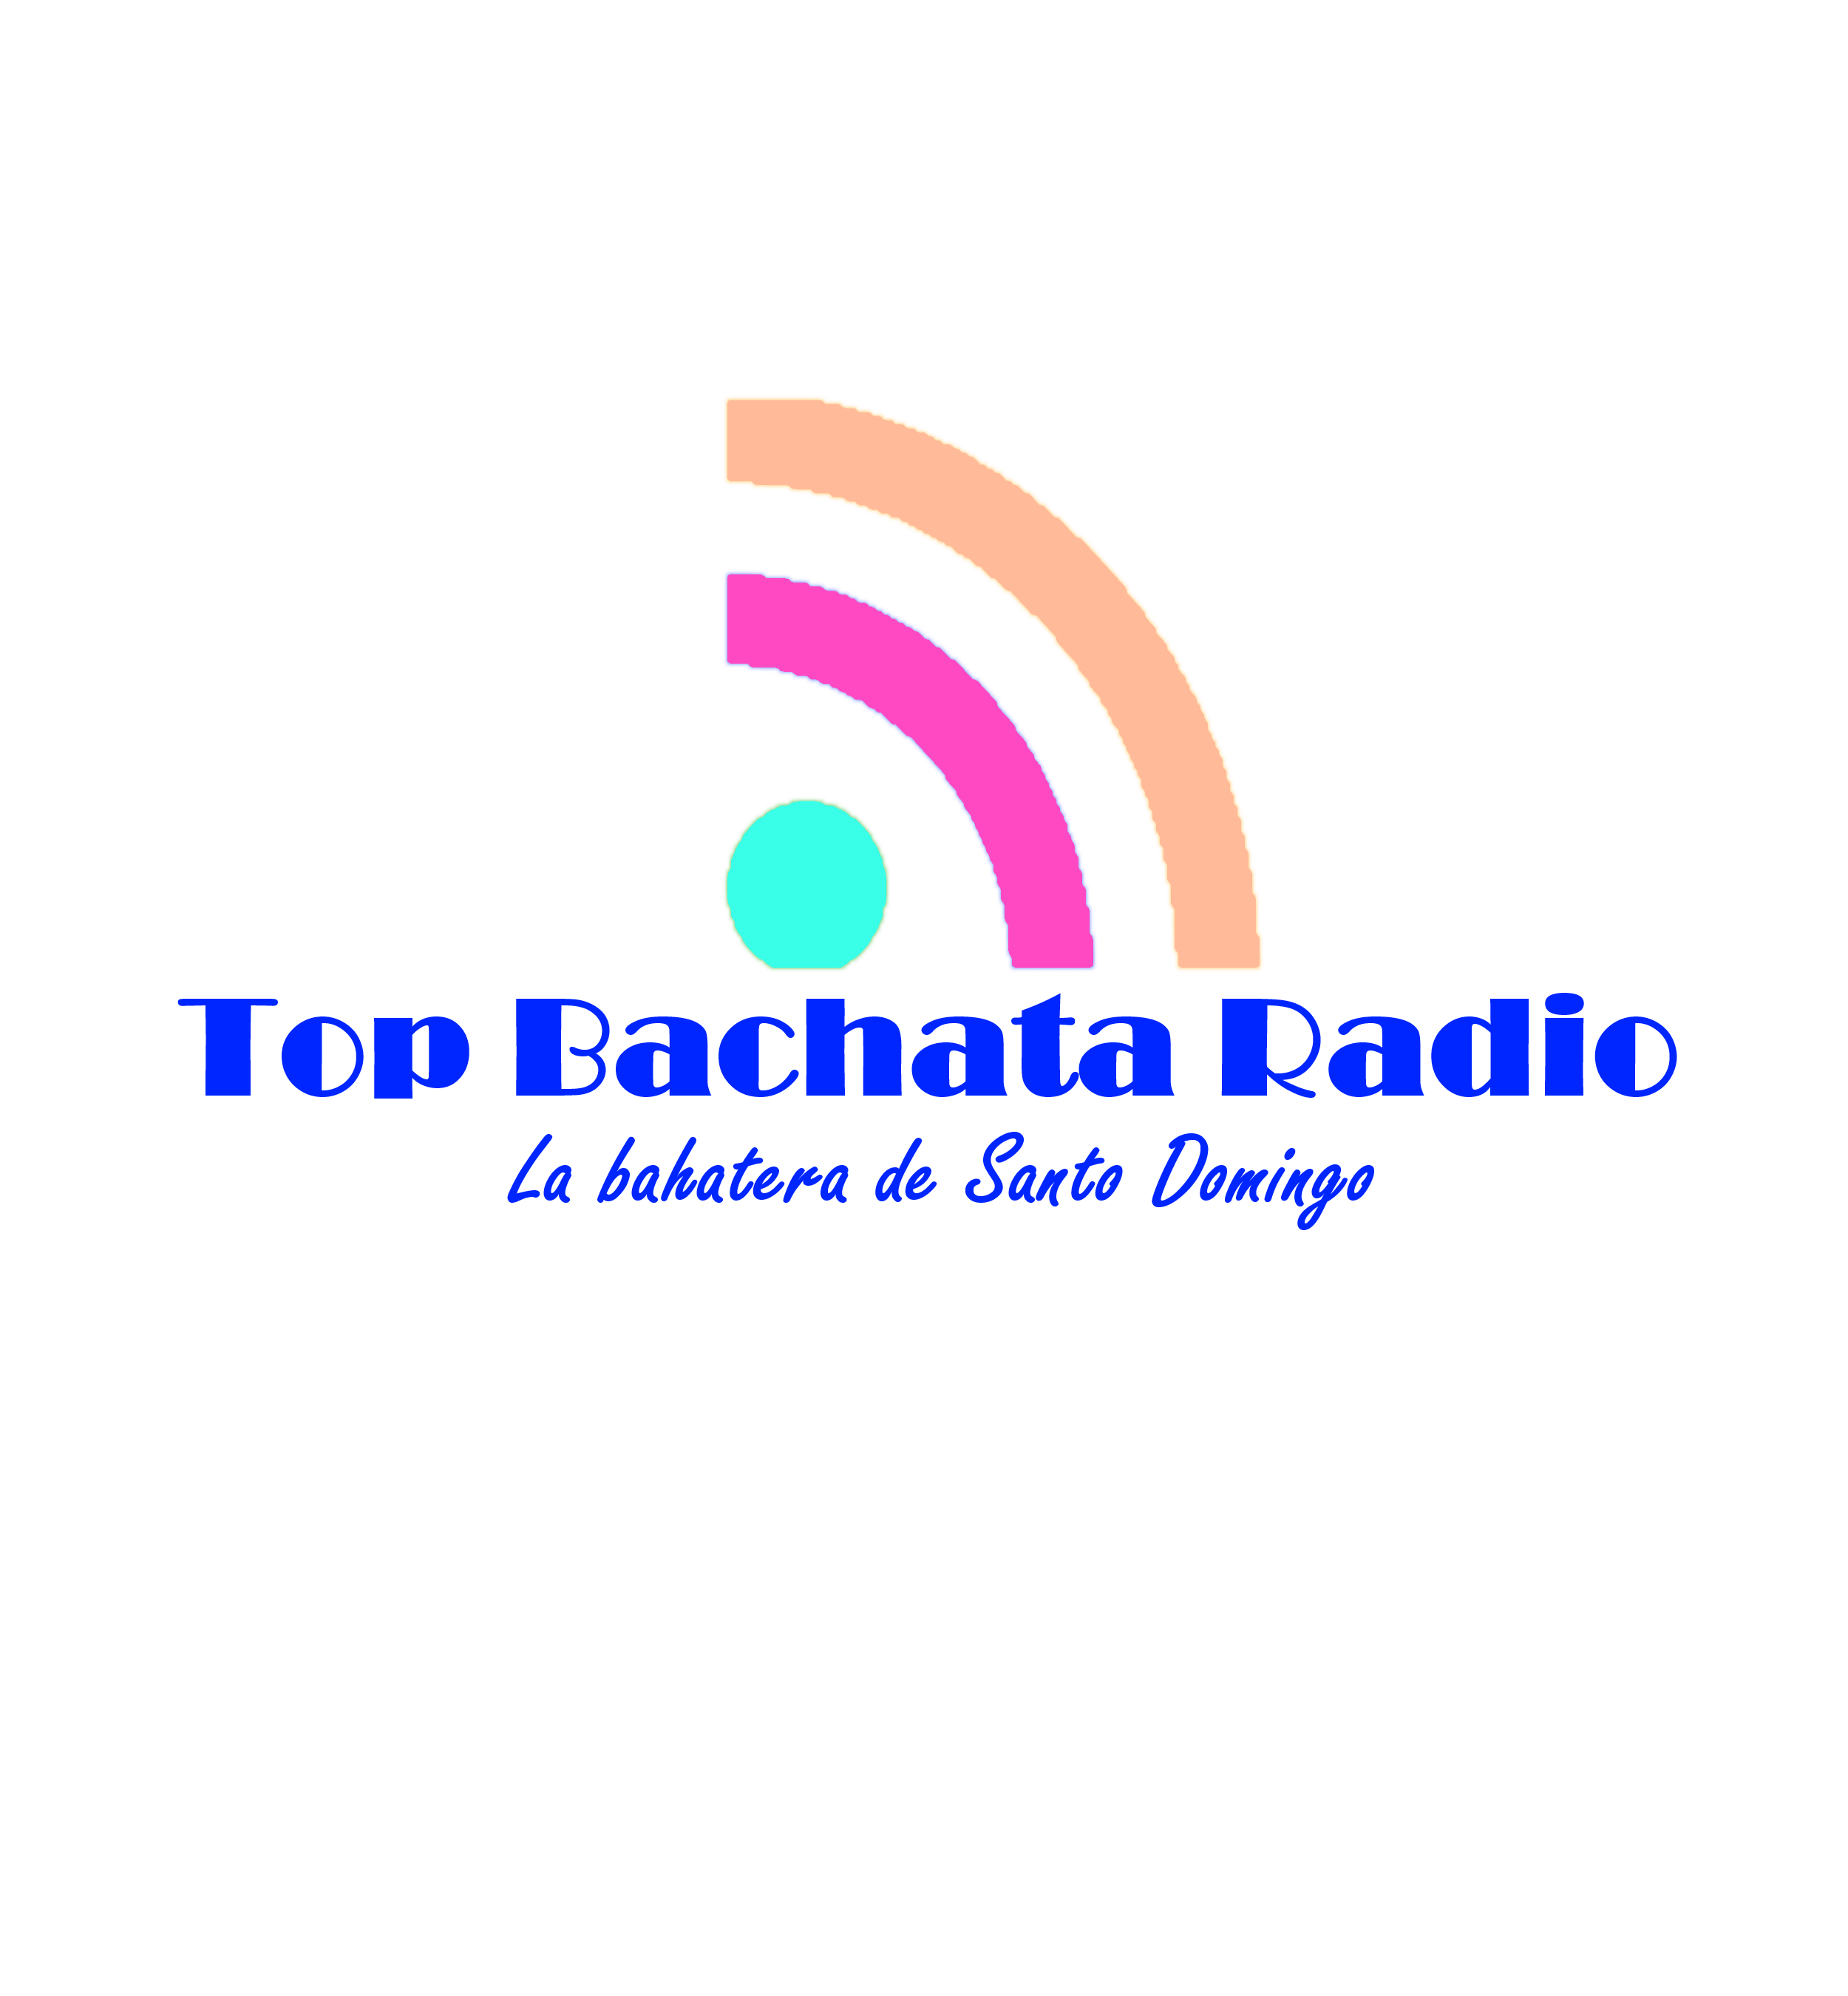 Top Bachata Radio